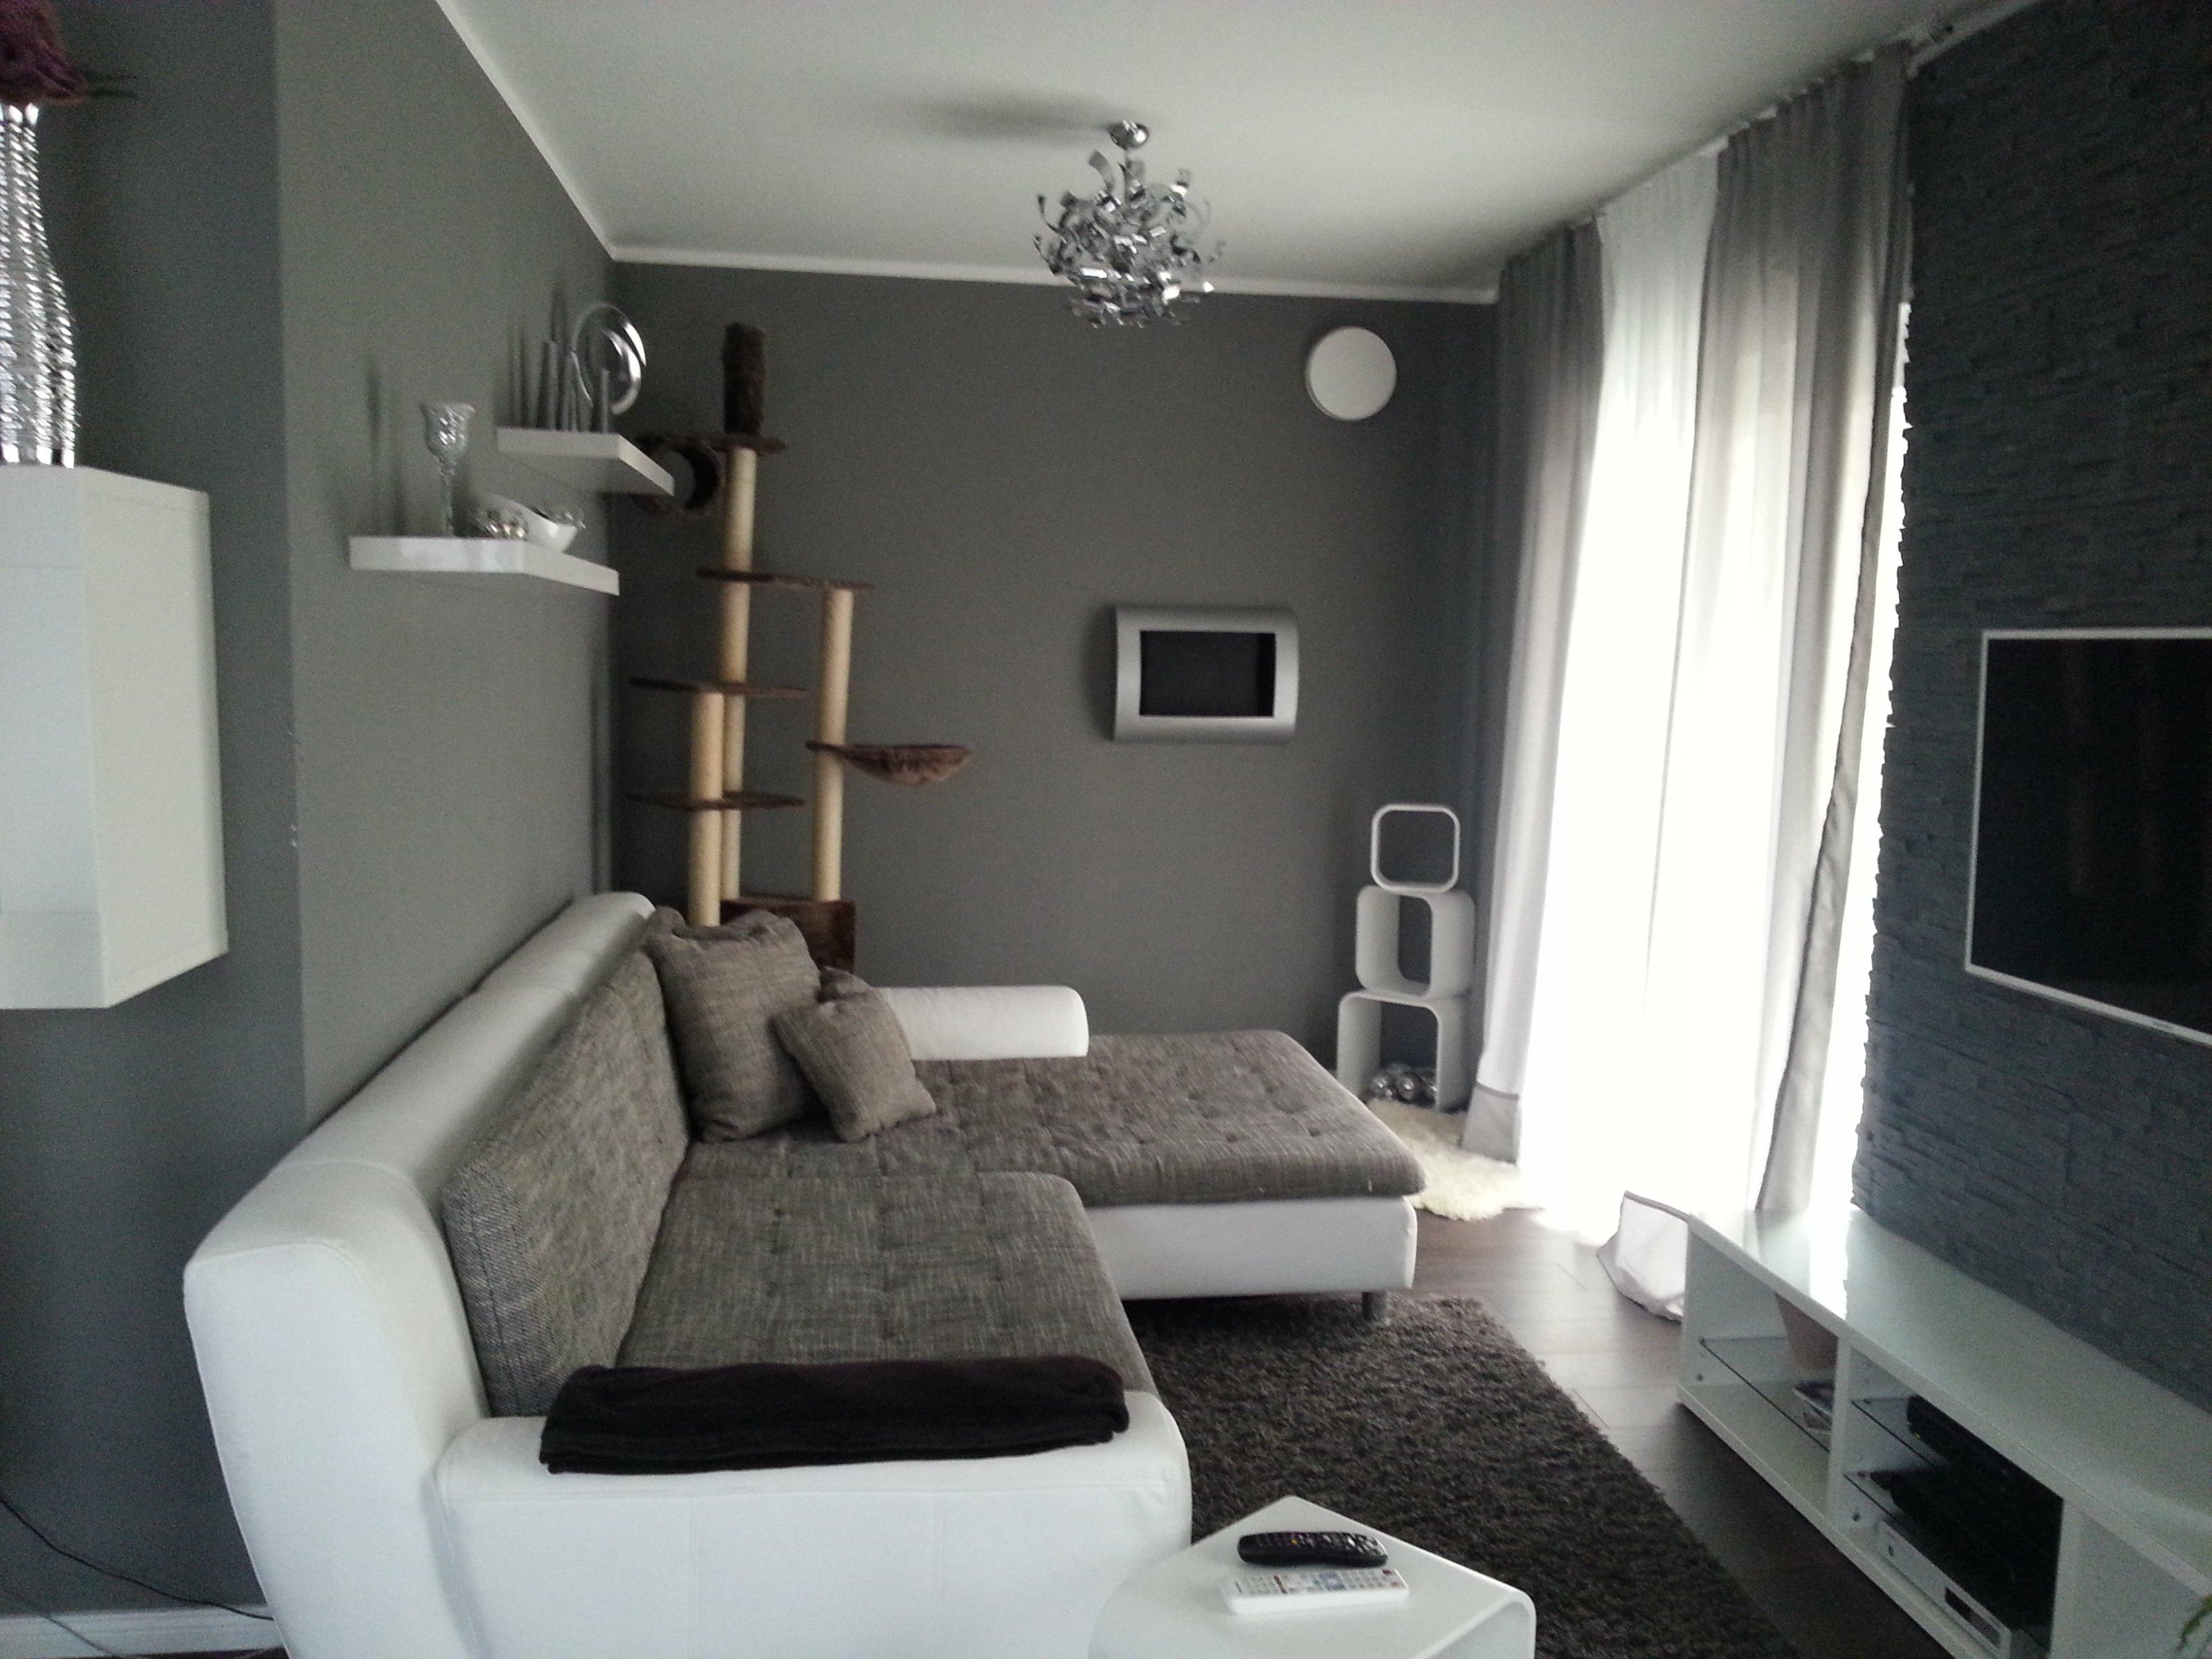 design#5000851: grau weies wohnzimmer ? farbideen fürs wohnzimmer